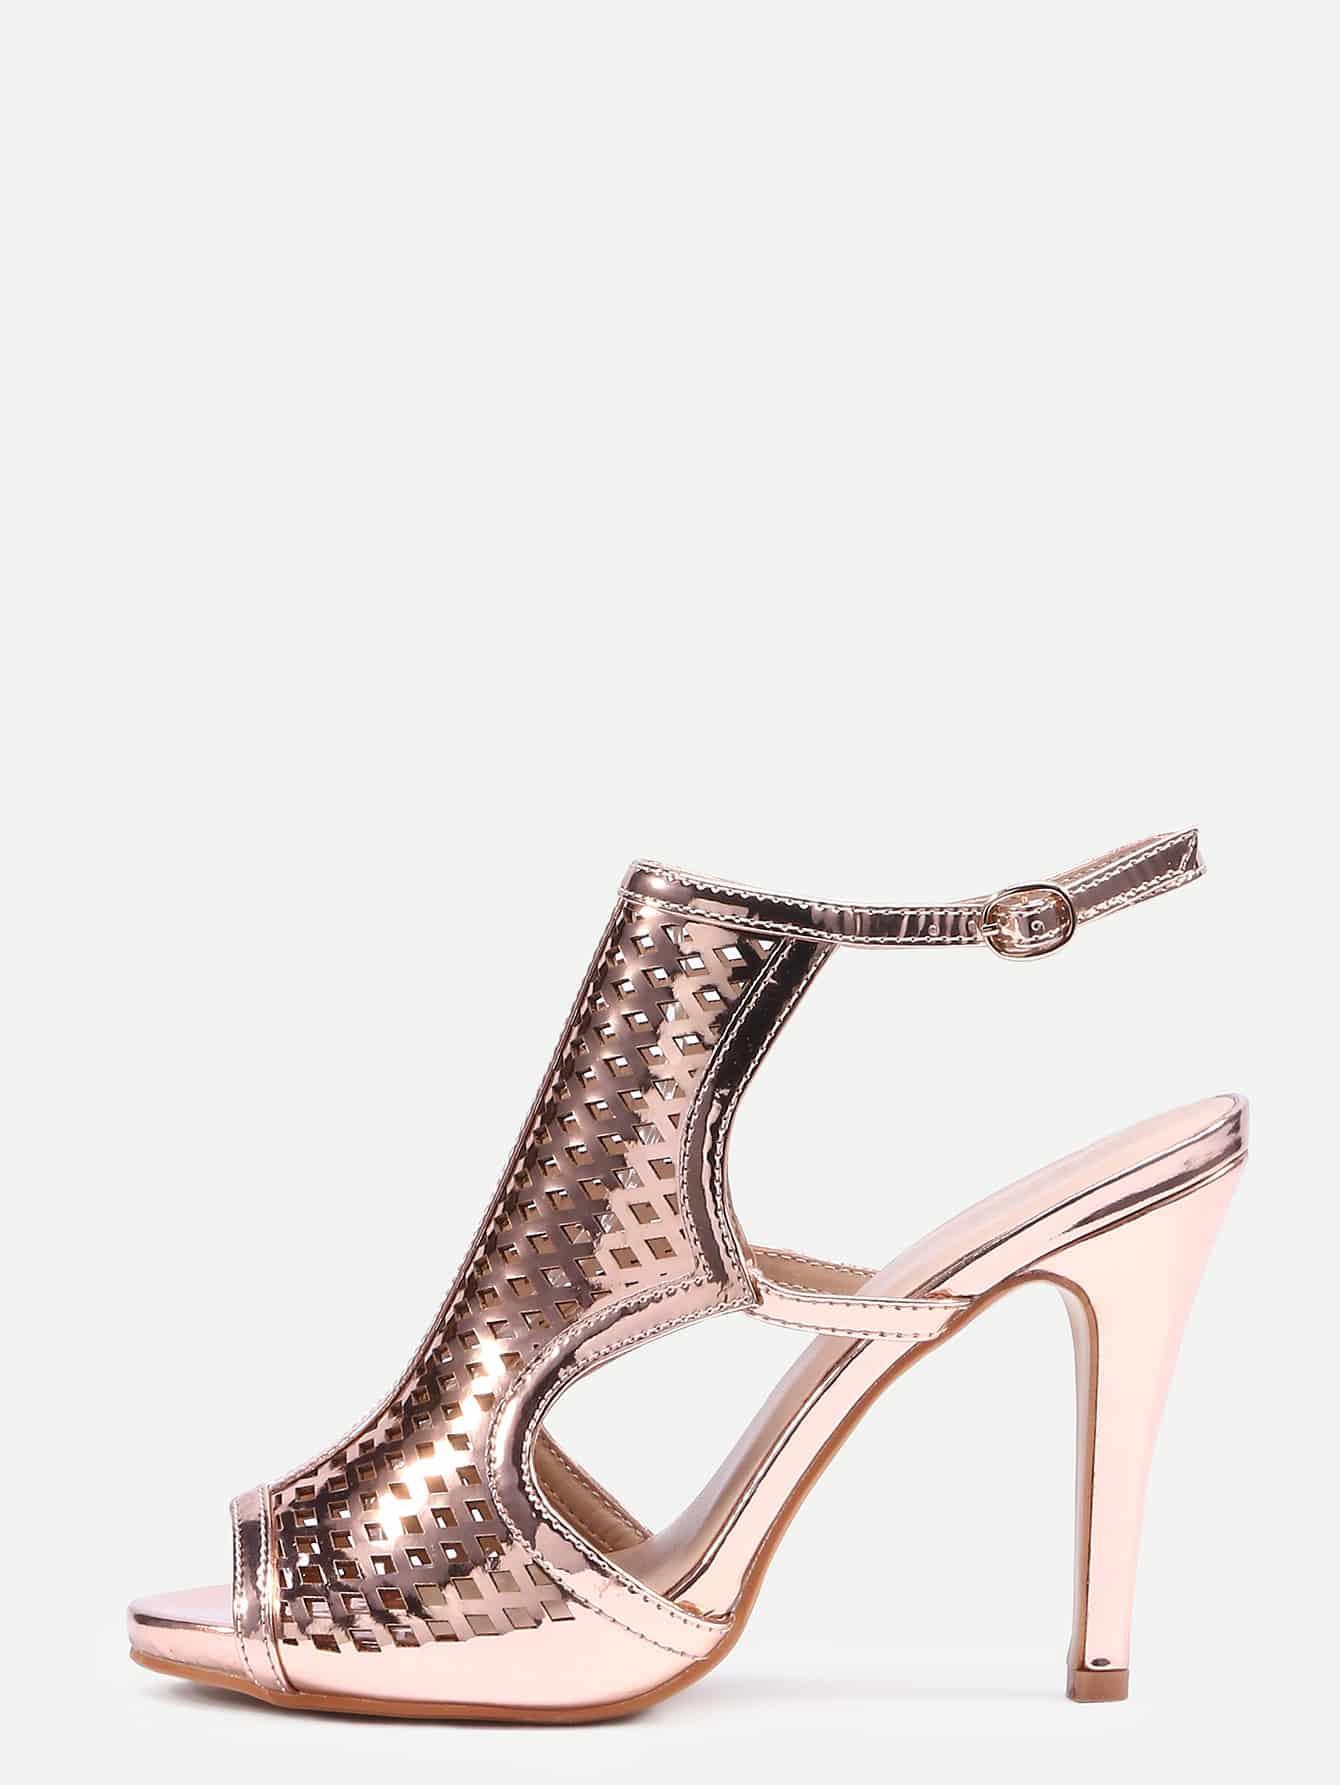 Rose Gold Laser-Cut High Vamp Heeled Sandals shoes16040846